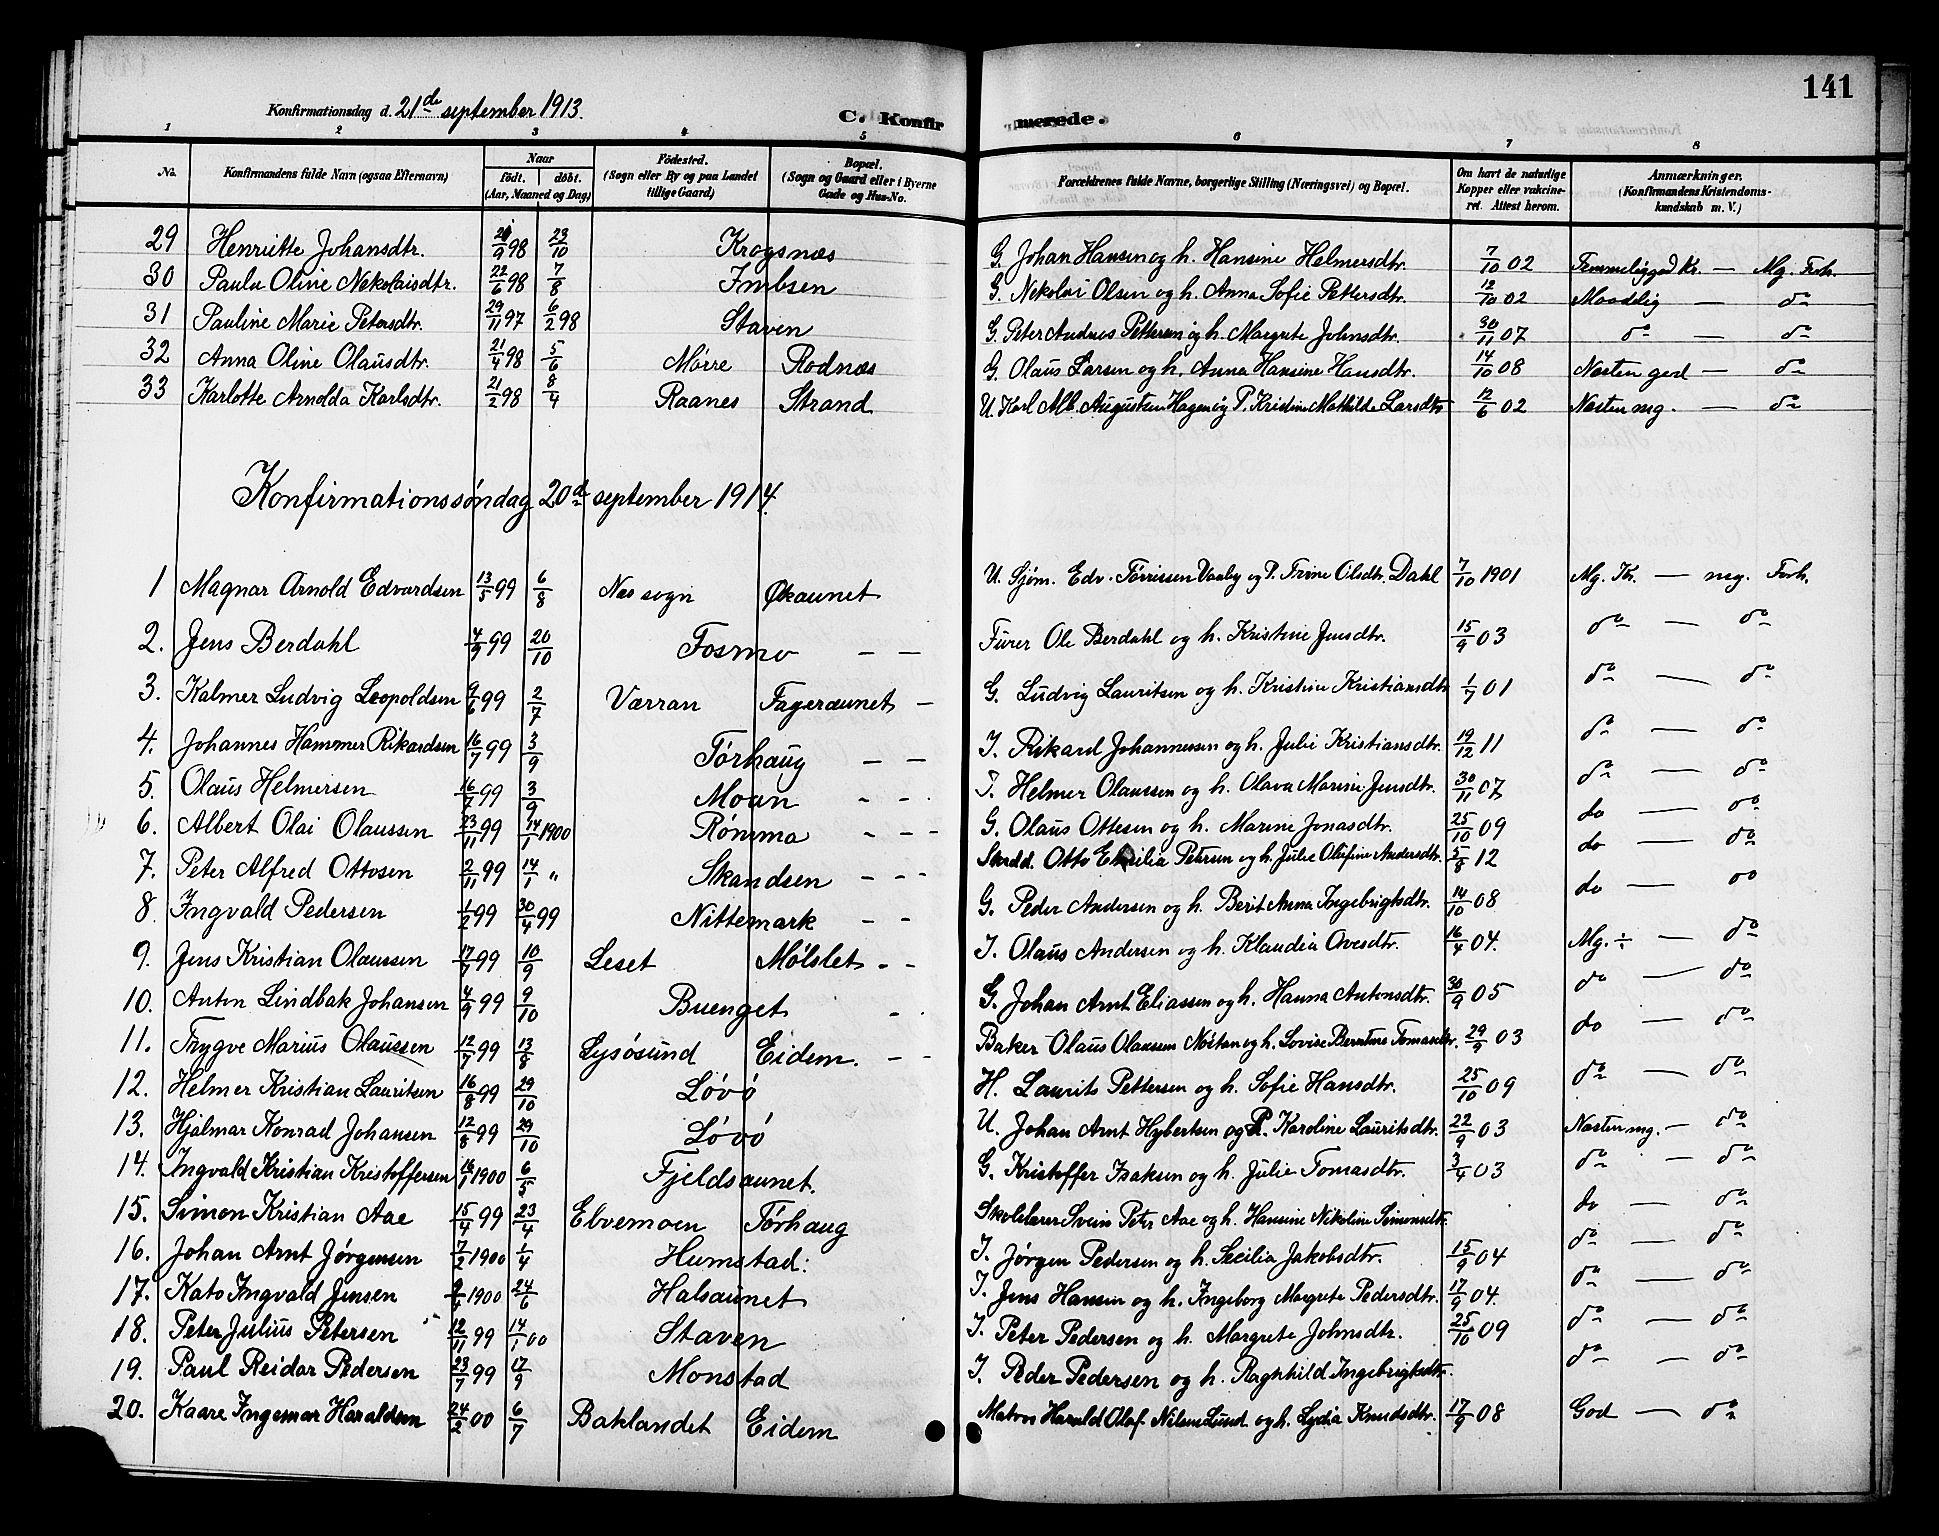 SAT, Ministerialprotokoller, klokkerbøker og fødselsregistre - Sør-Trøndelag, 655/L0688: Klokkerbok nr. 655C04, 1899-1922, s. 141